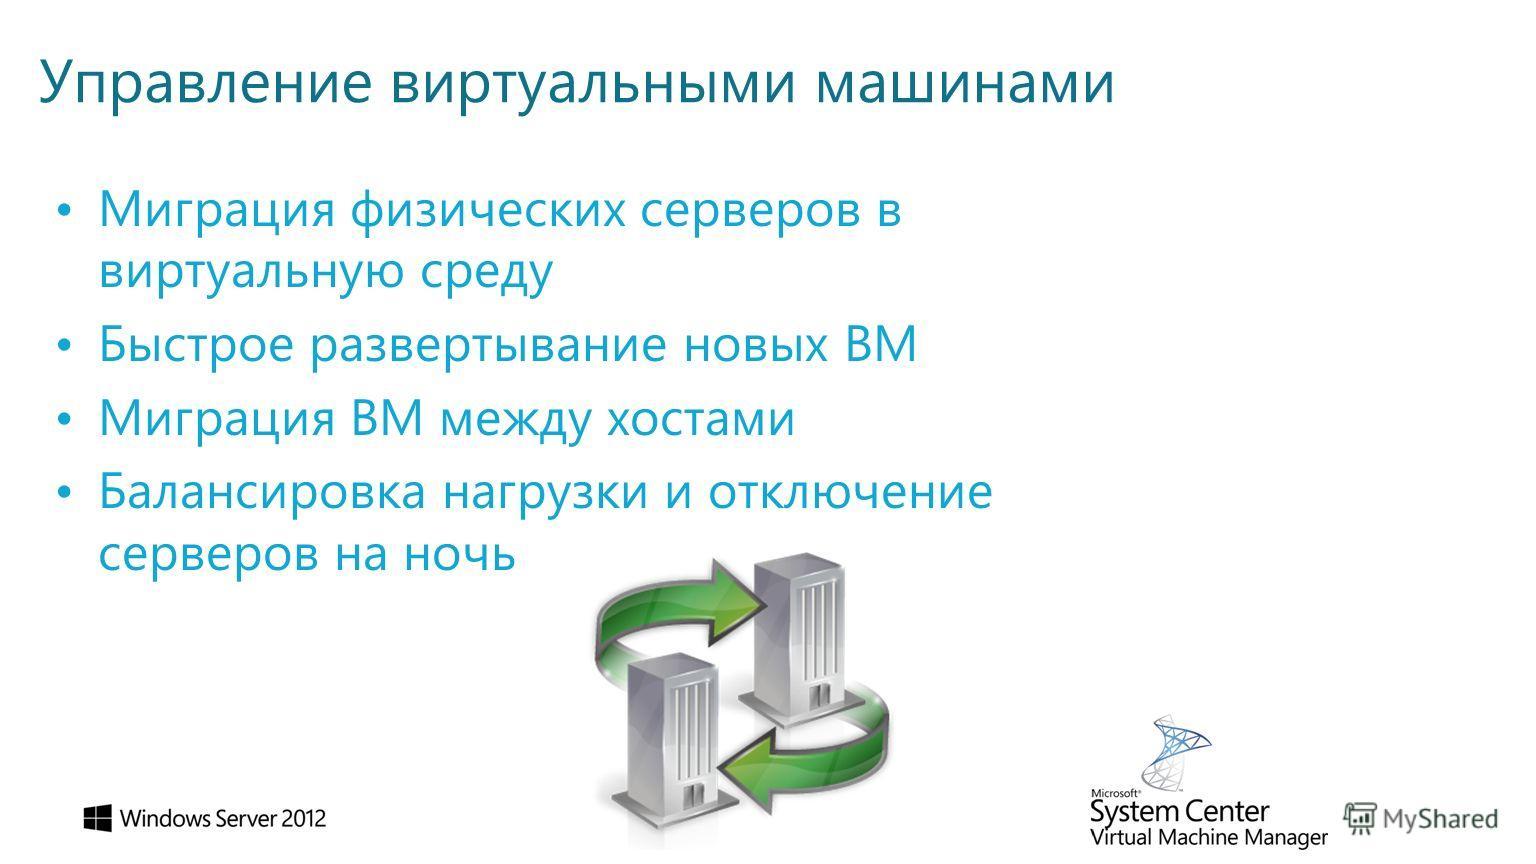 Управление виртуальными машинами Миграция физических серверов в виртуальную среду Быстрое развертывание новых ВМ Миграция ВМ между хостами Балансировка нагрузки и отключение серверов на ночь